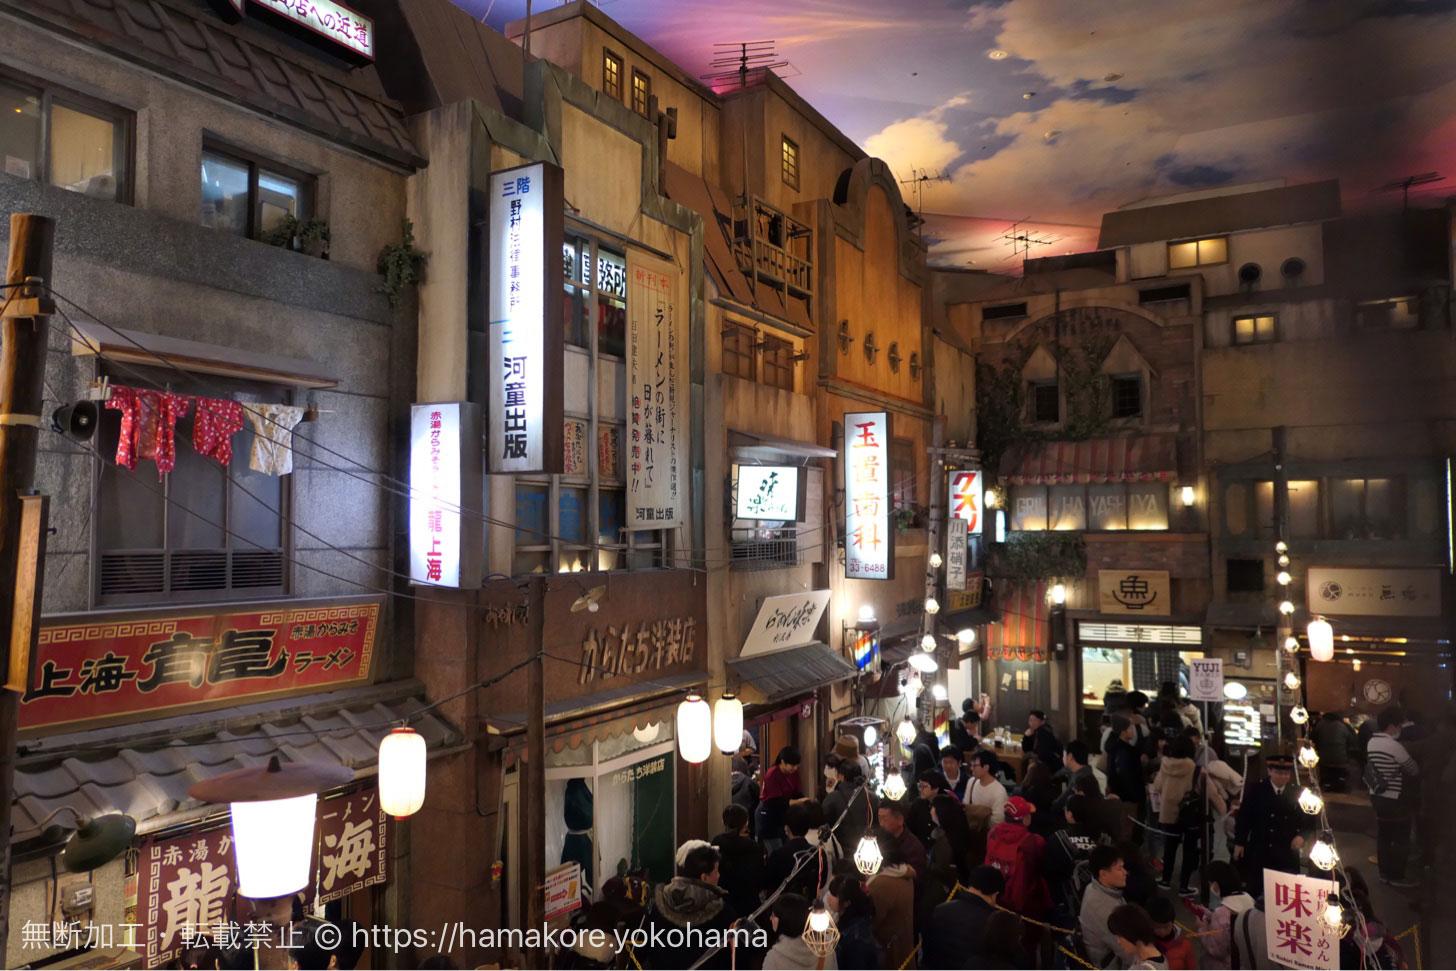 新横浜「ラーメン博物館」でラーメン食べ歩き!揚げパンは駄菓子屋で休日限定